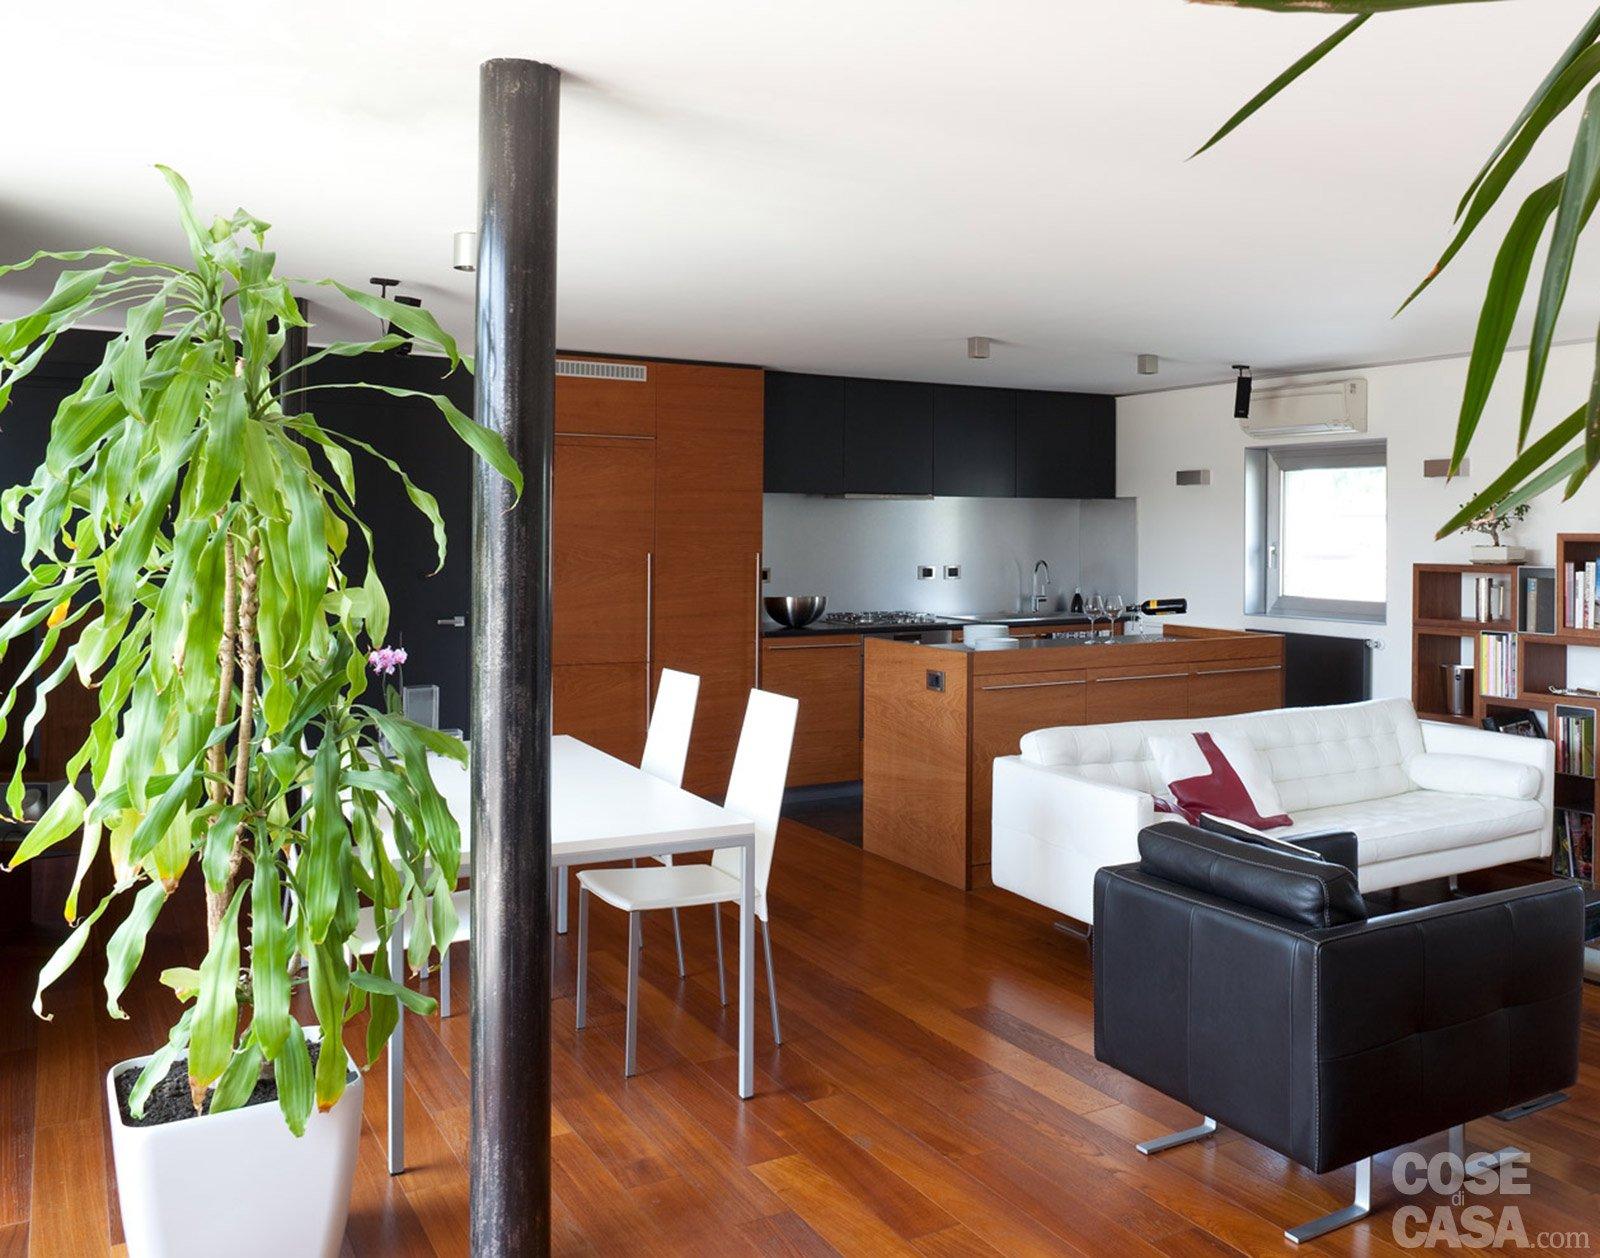 80 mq una casa per due perfetta per fare inviti cose for Come trovare la casa perfetta